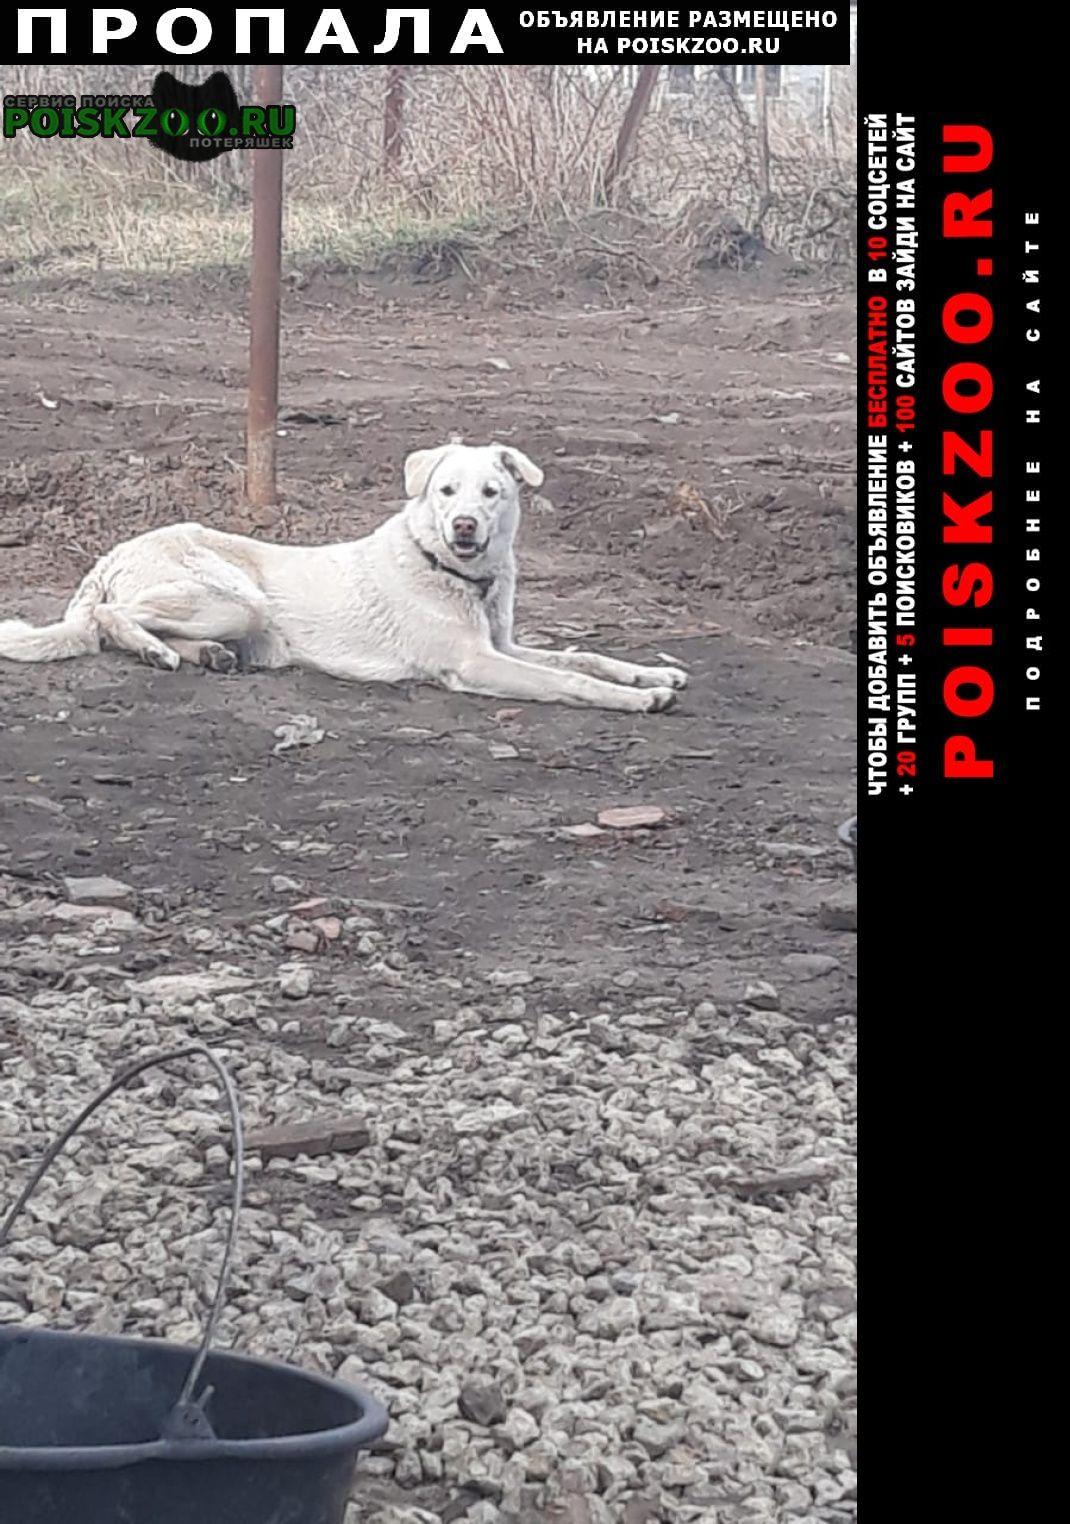 Пропала собака кобель Мценск